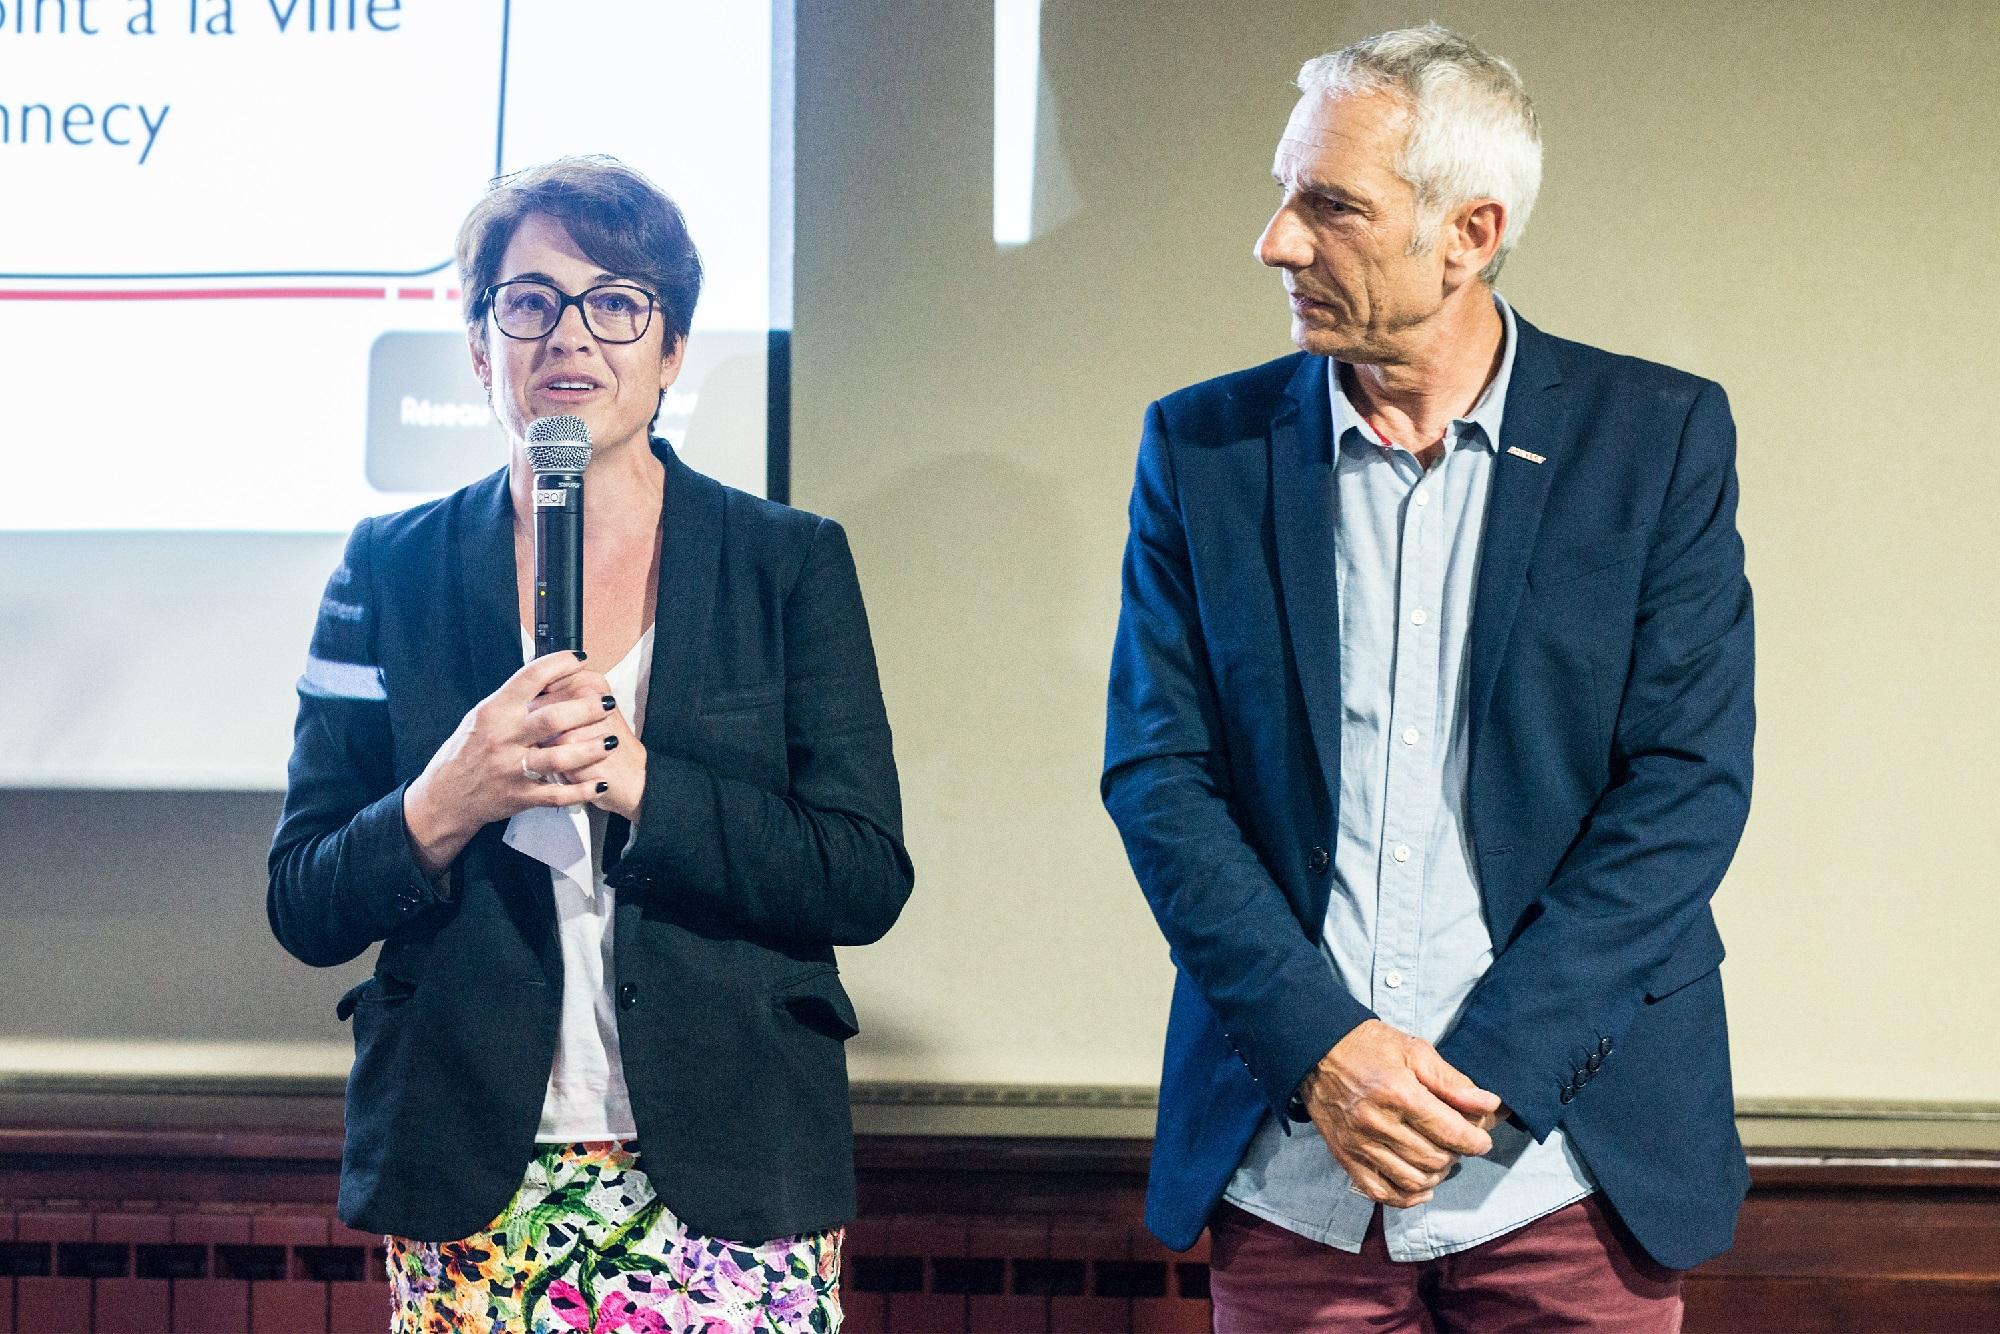 Soirée des anciens de l'IPAC, le 5 juin 2018 aux Tresoms - Annabel André Laurent et F. Scavini